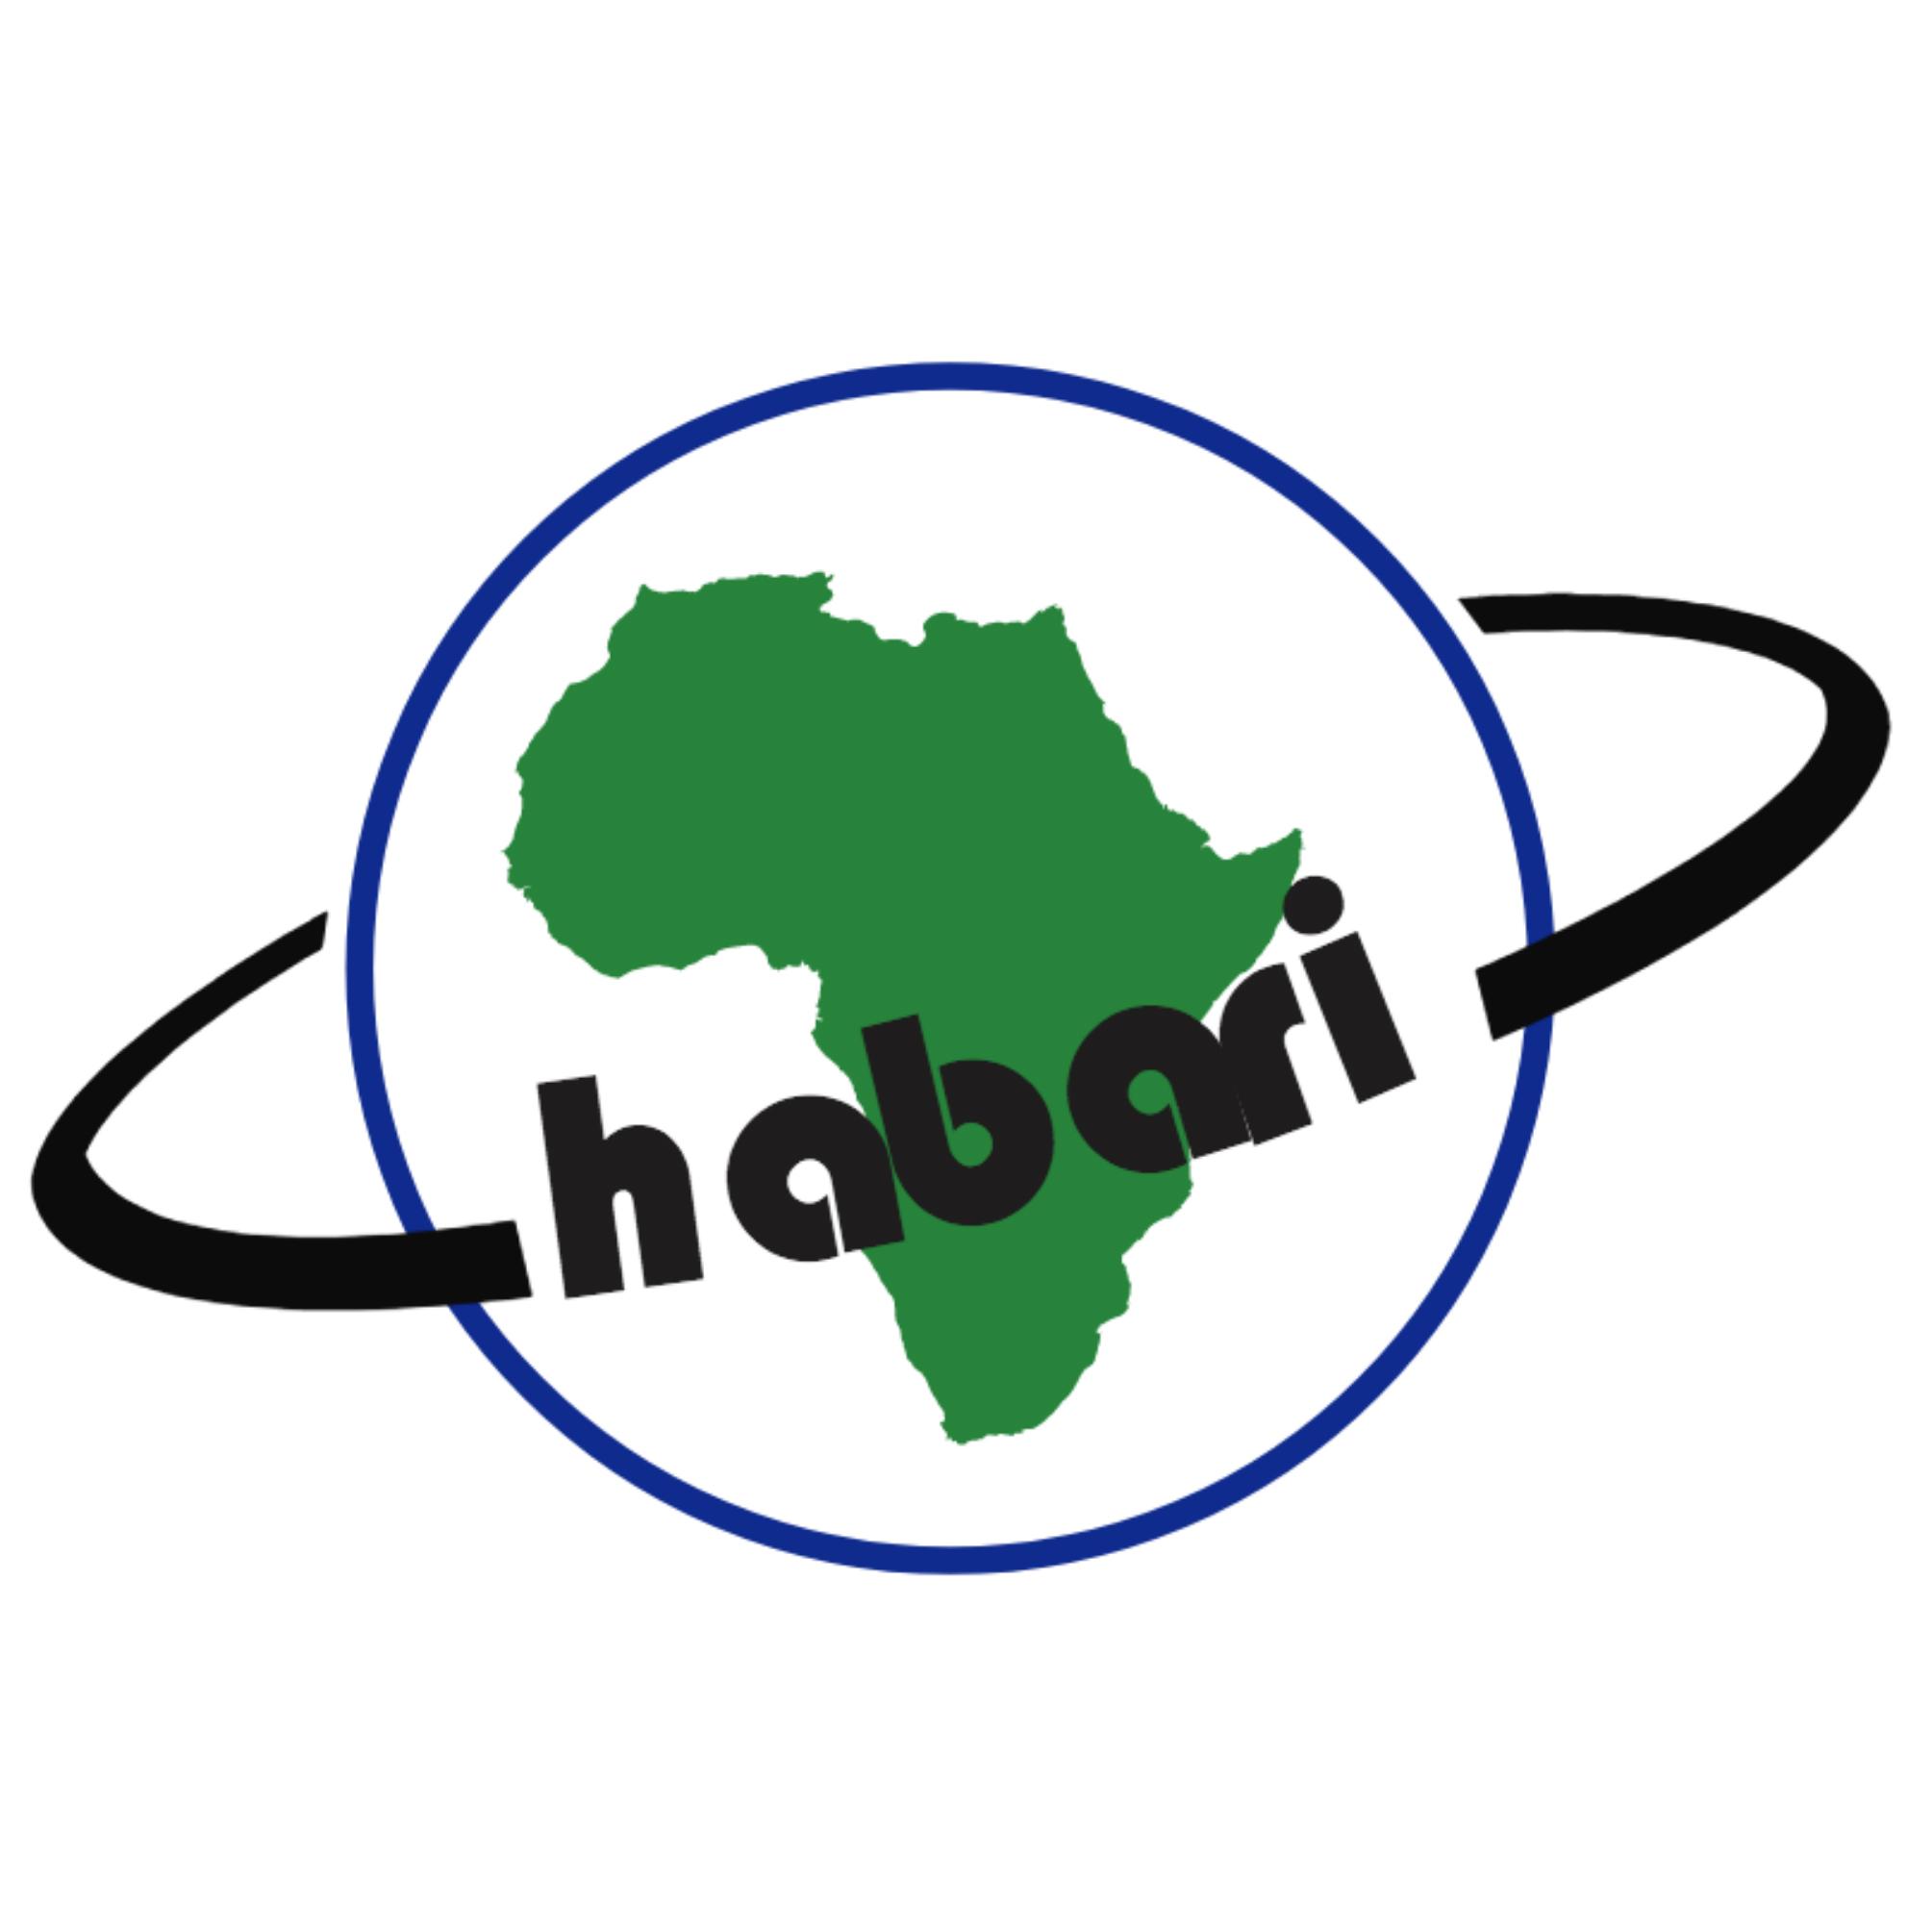 Habari logo